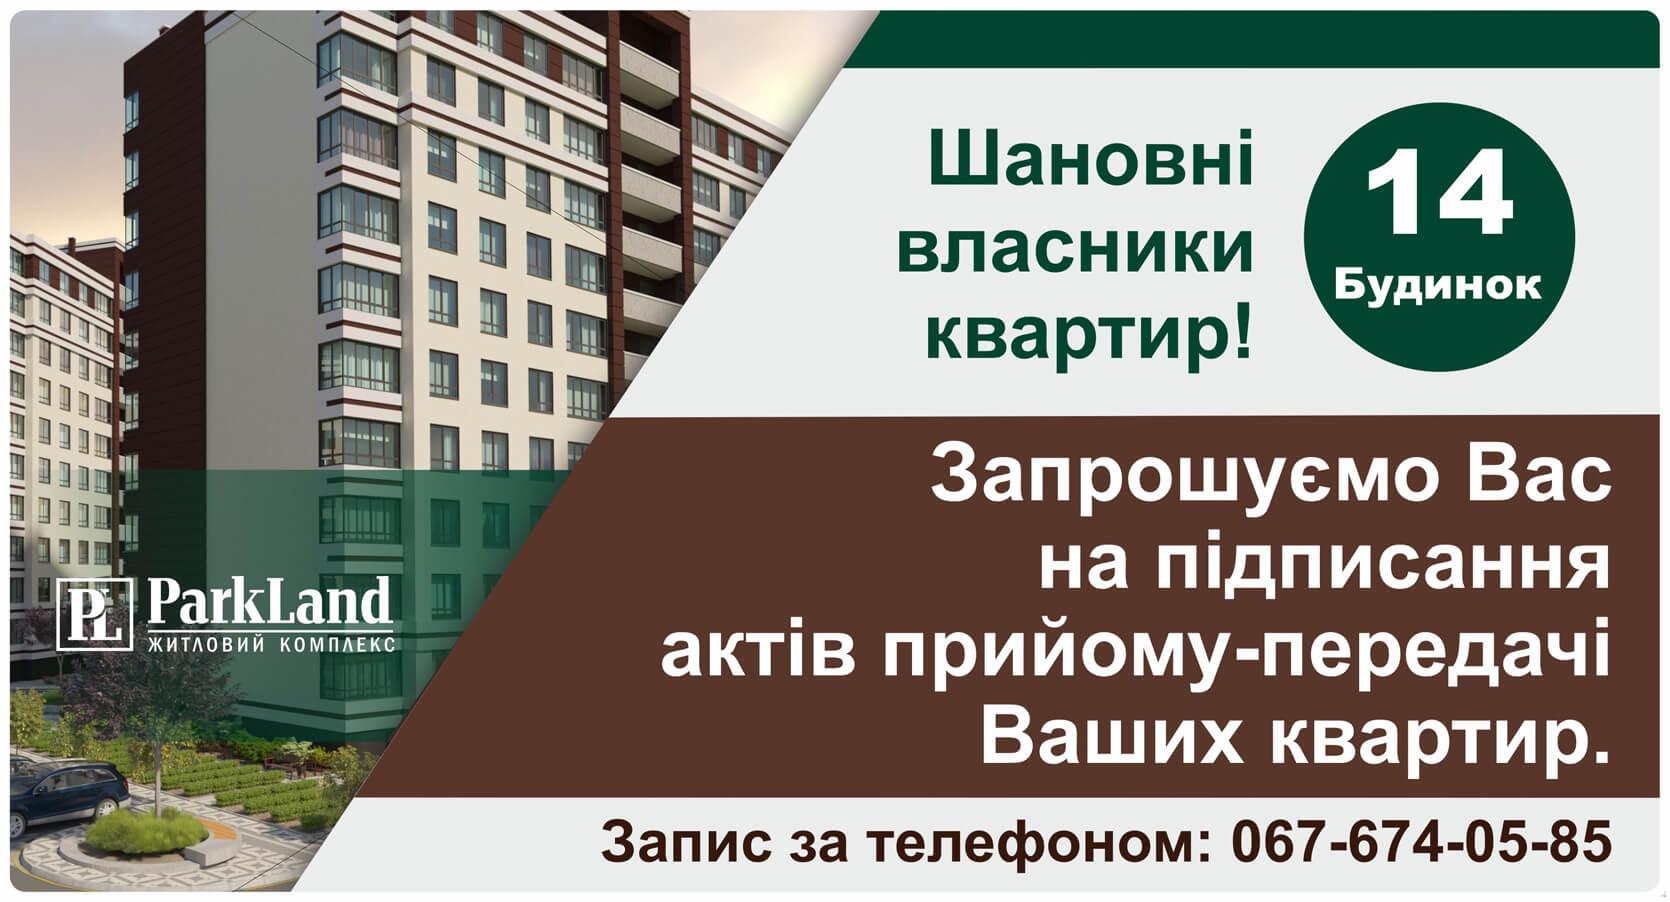 news170918-ukr